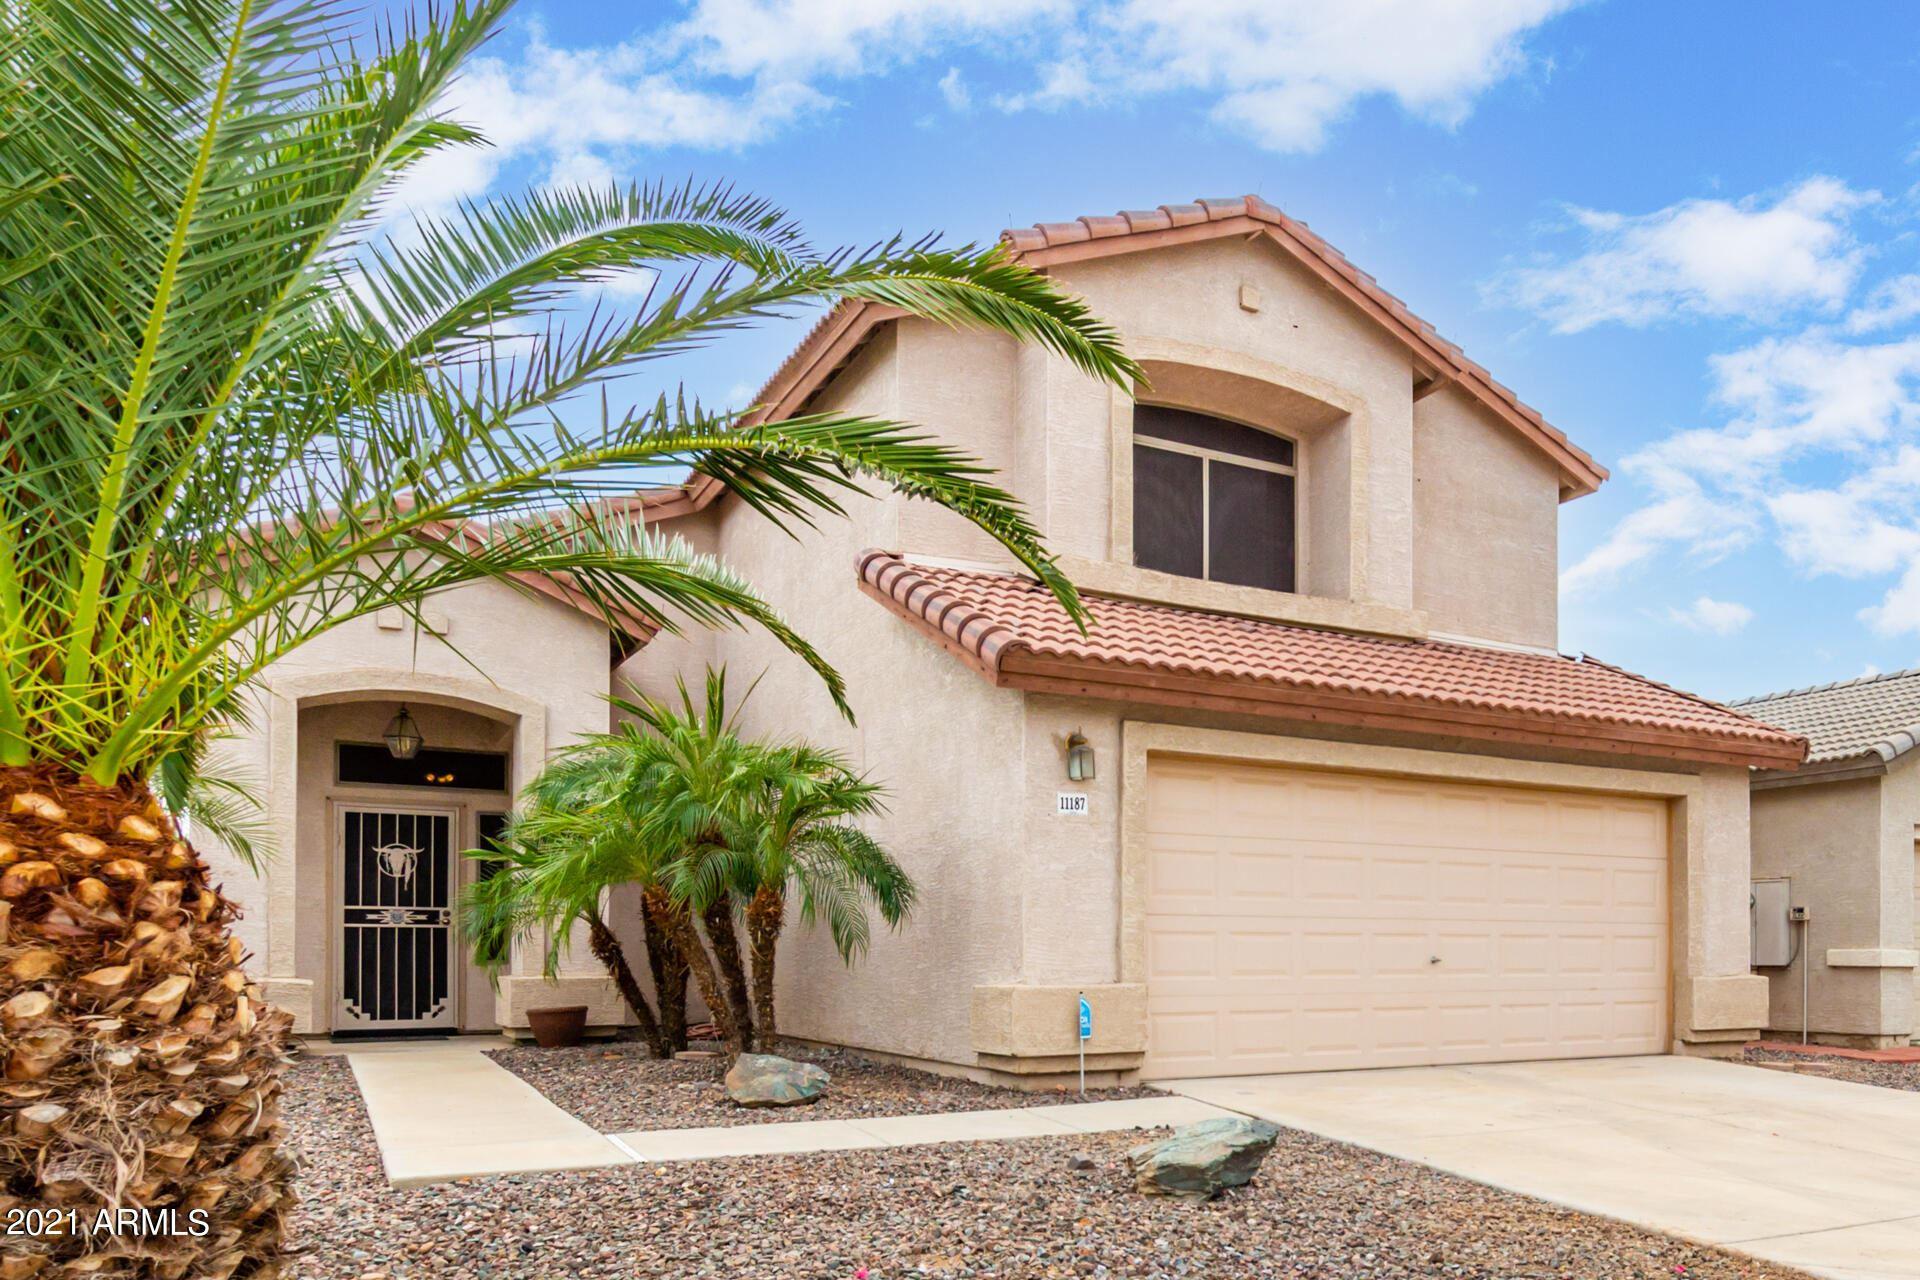 Photo of 11187 W PALM Lane, Avondale, AZ 85392 (MLS # 6295728)